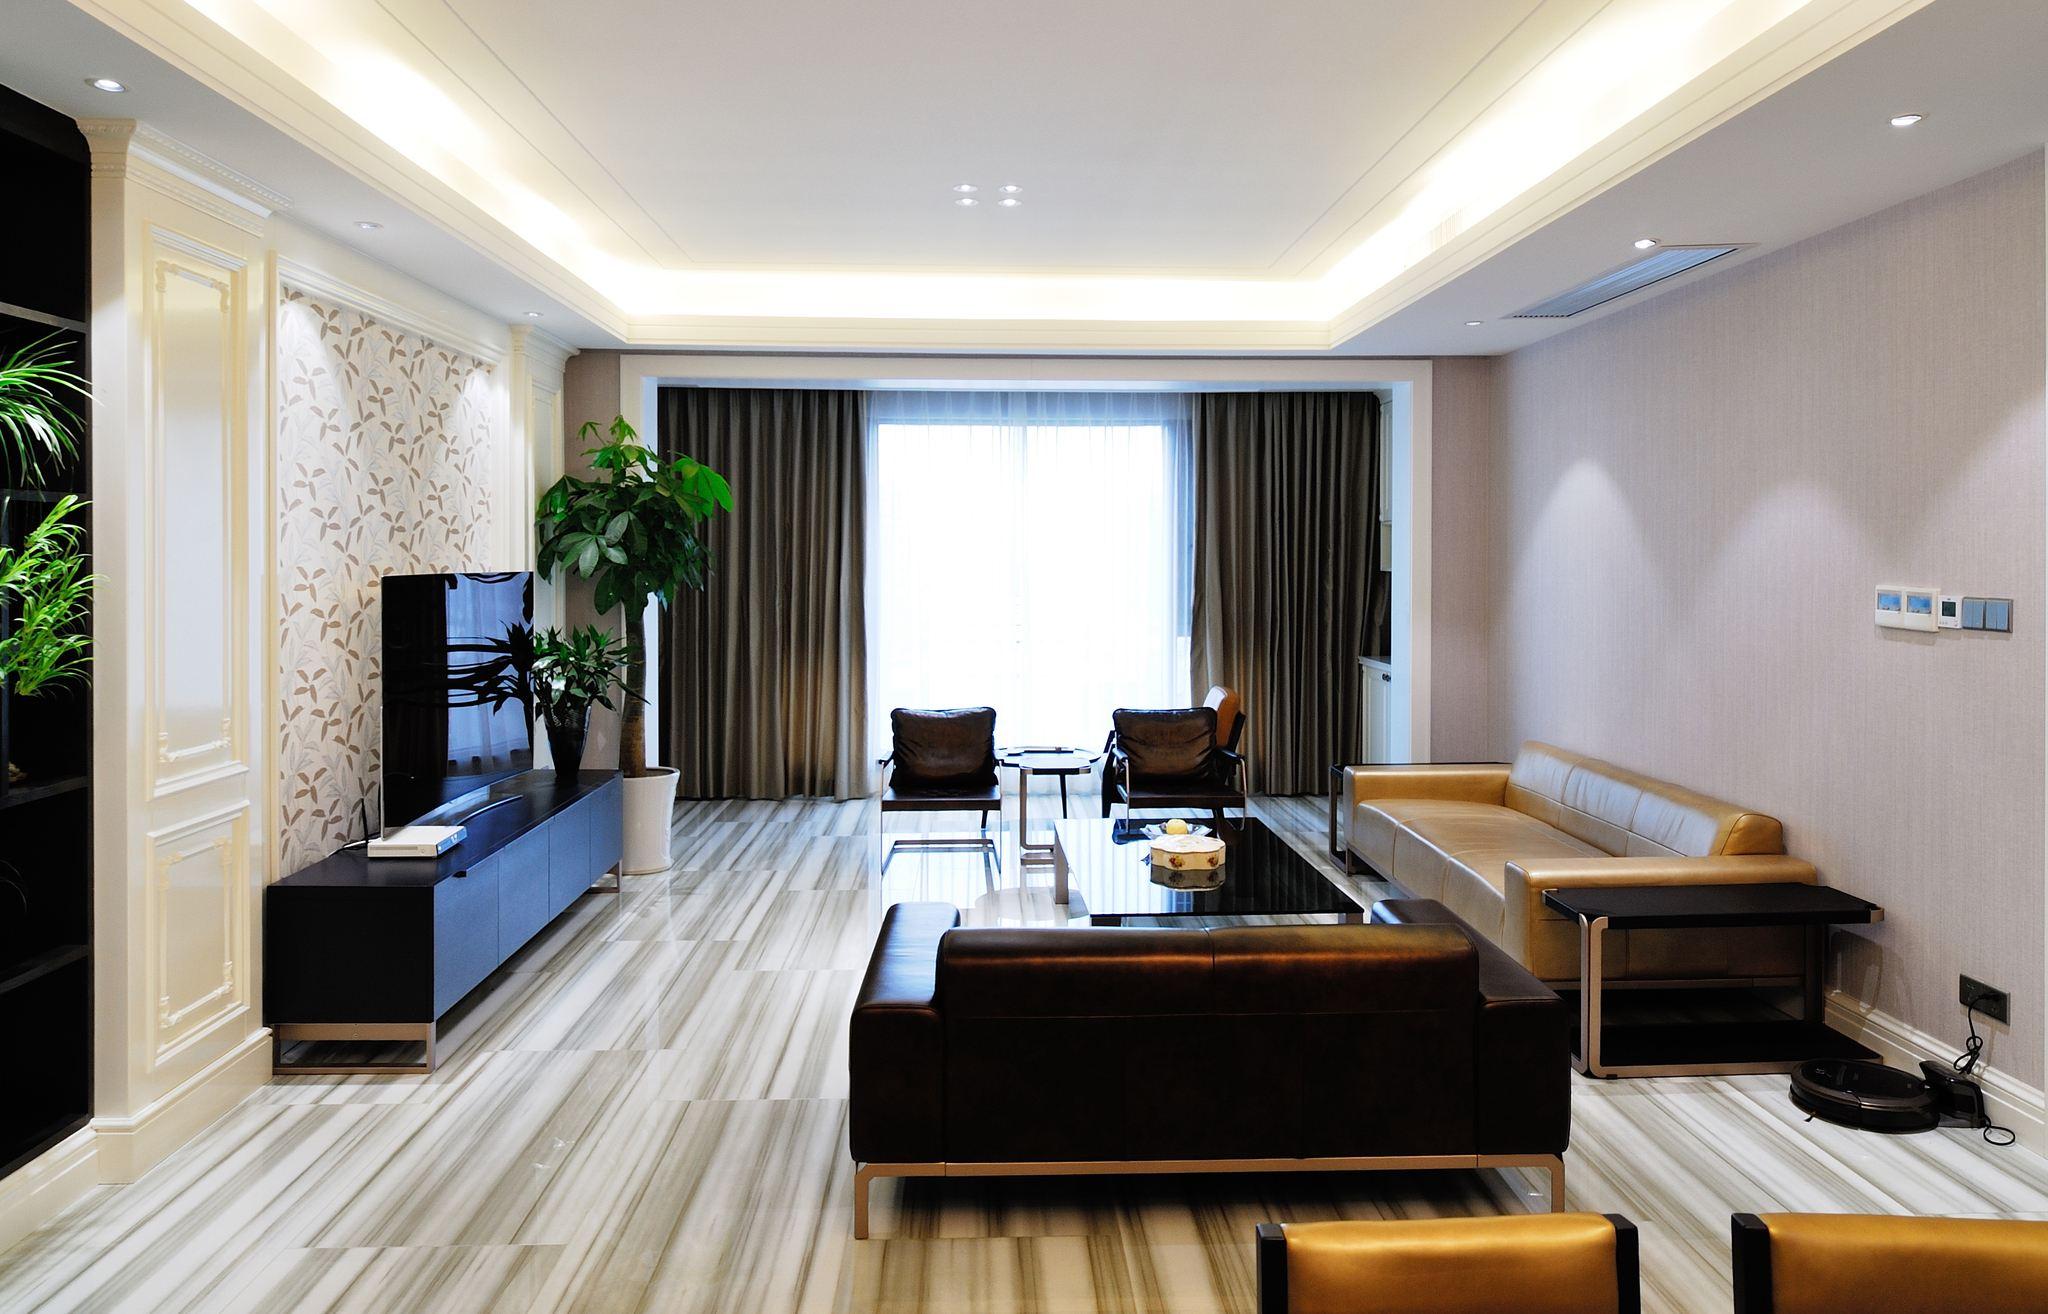 裝修公司做樣板房方法有哪些呢? 樣板房裝修的風格都包括哪些呢?原來如此!